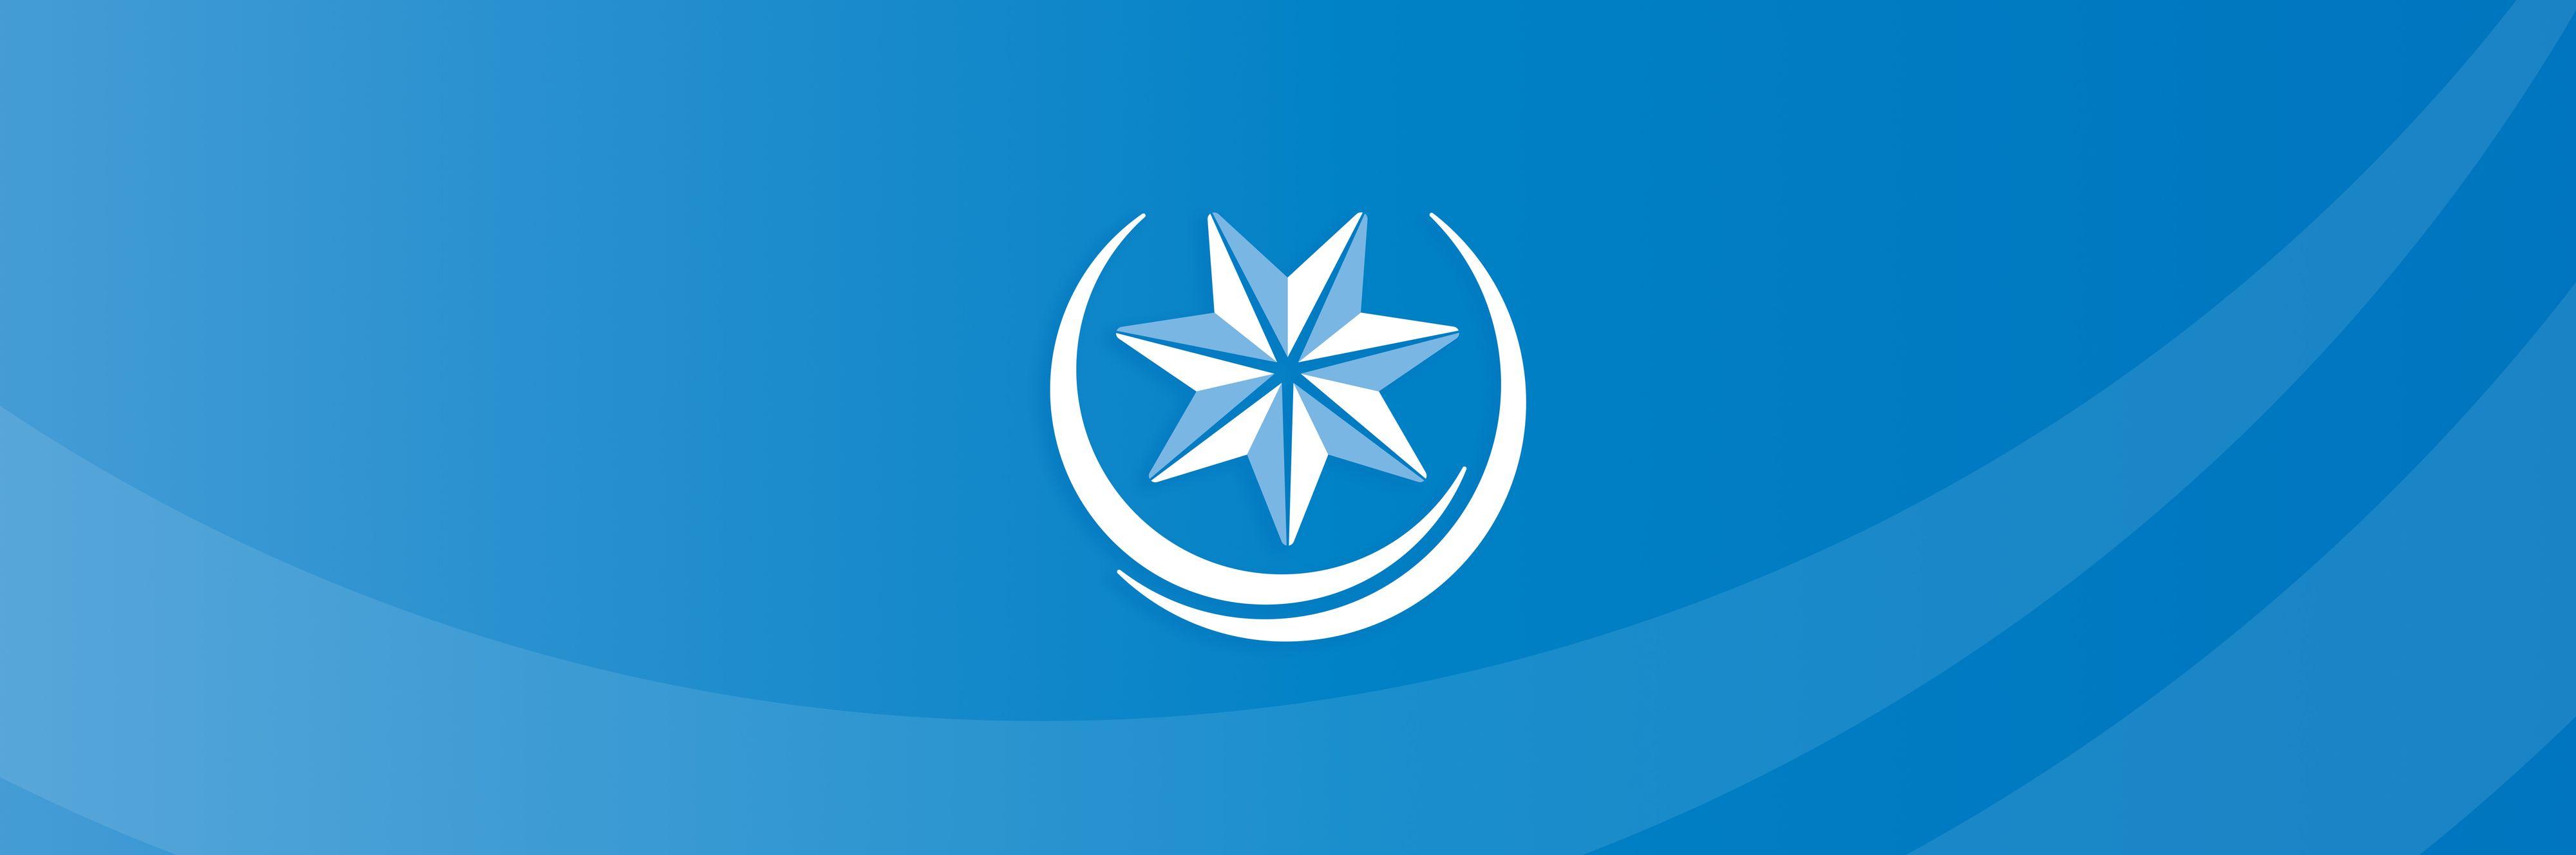 logo banner hq.jpg